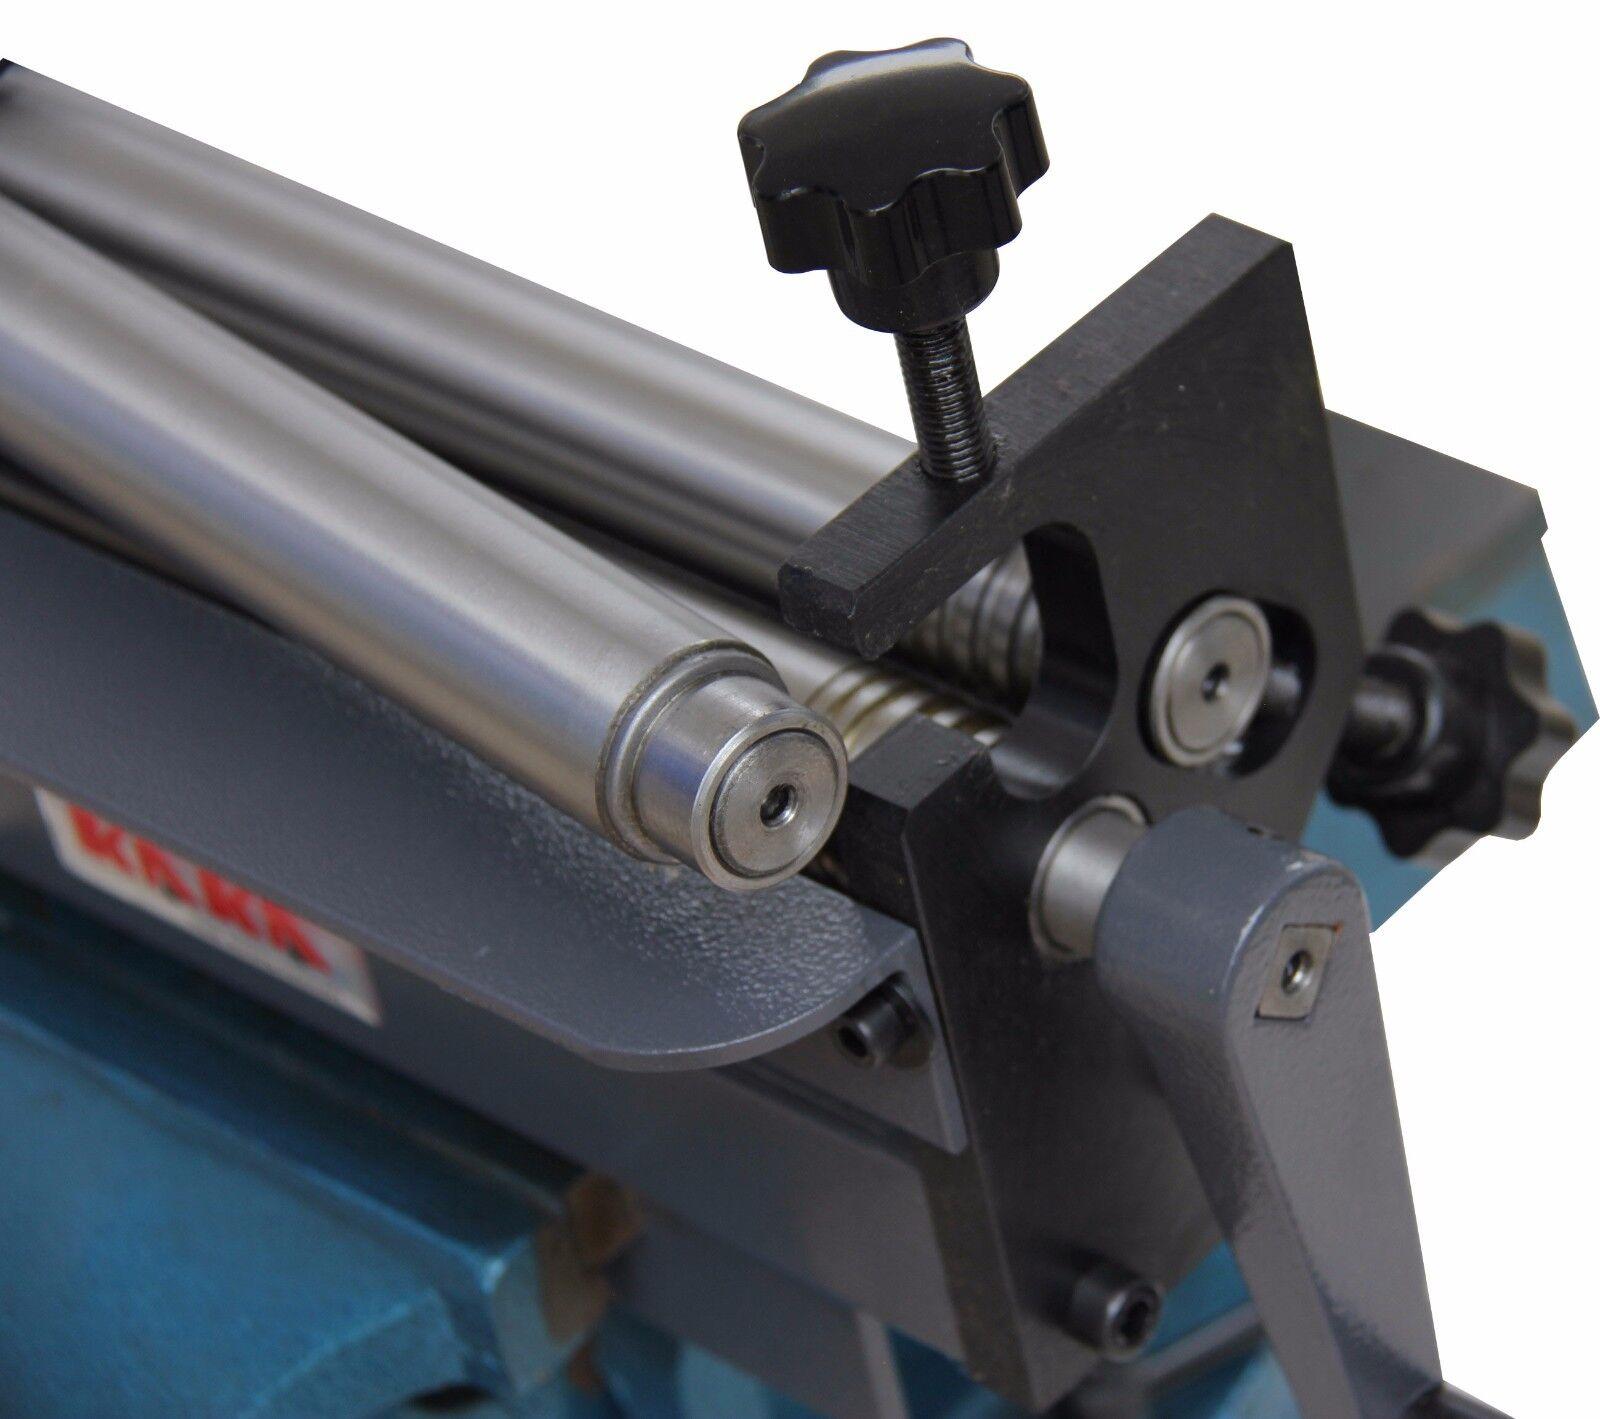 SJ300 Slip Roll Machine 20 Gauge Capacity-8174007 300MM Forming Width